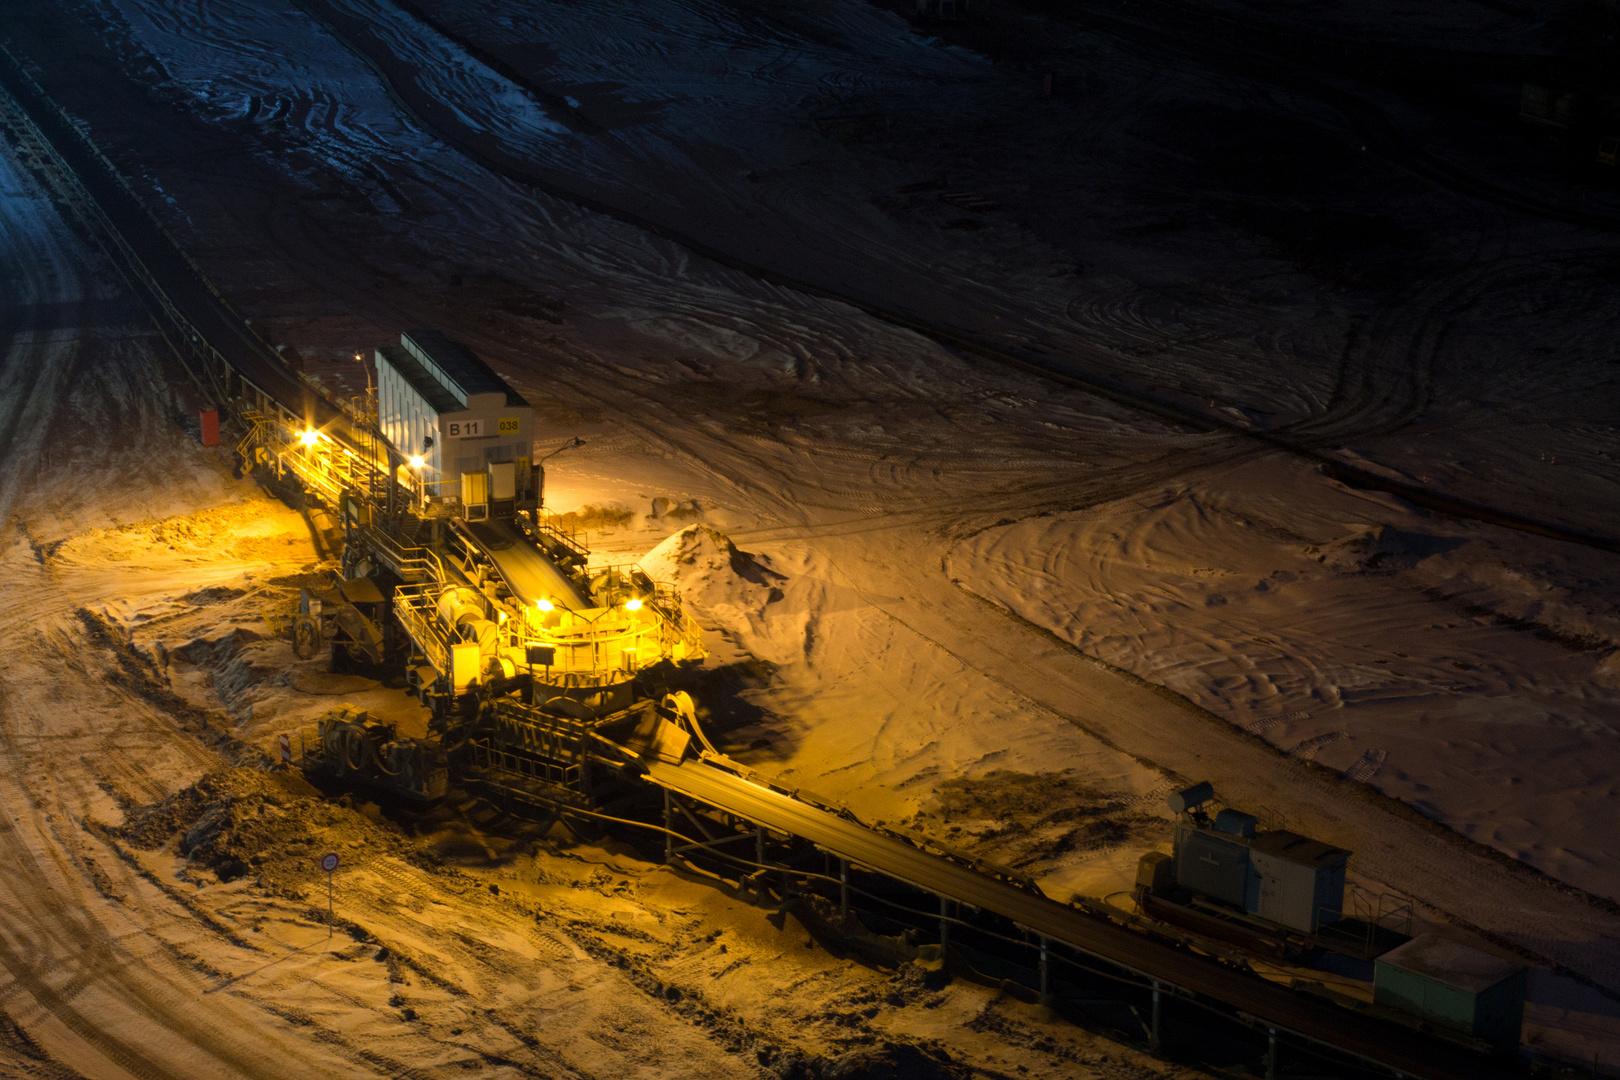 Tagebau-Garzweiler-Förderband